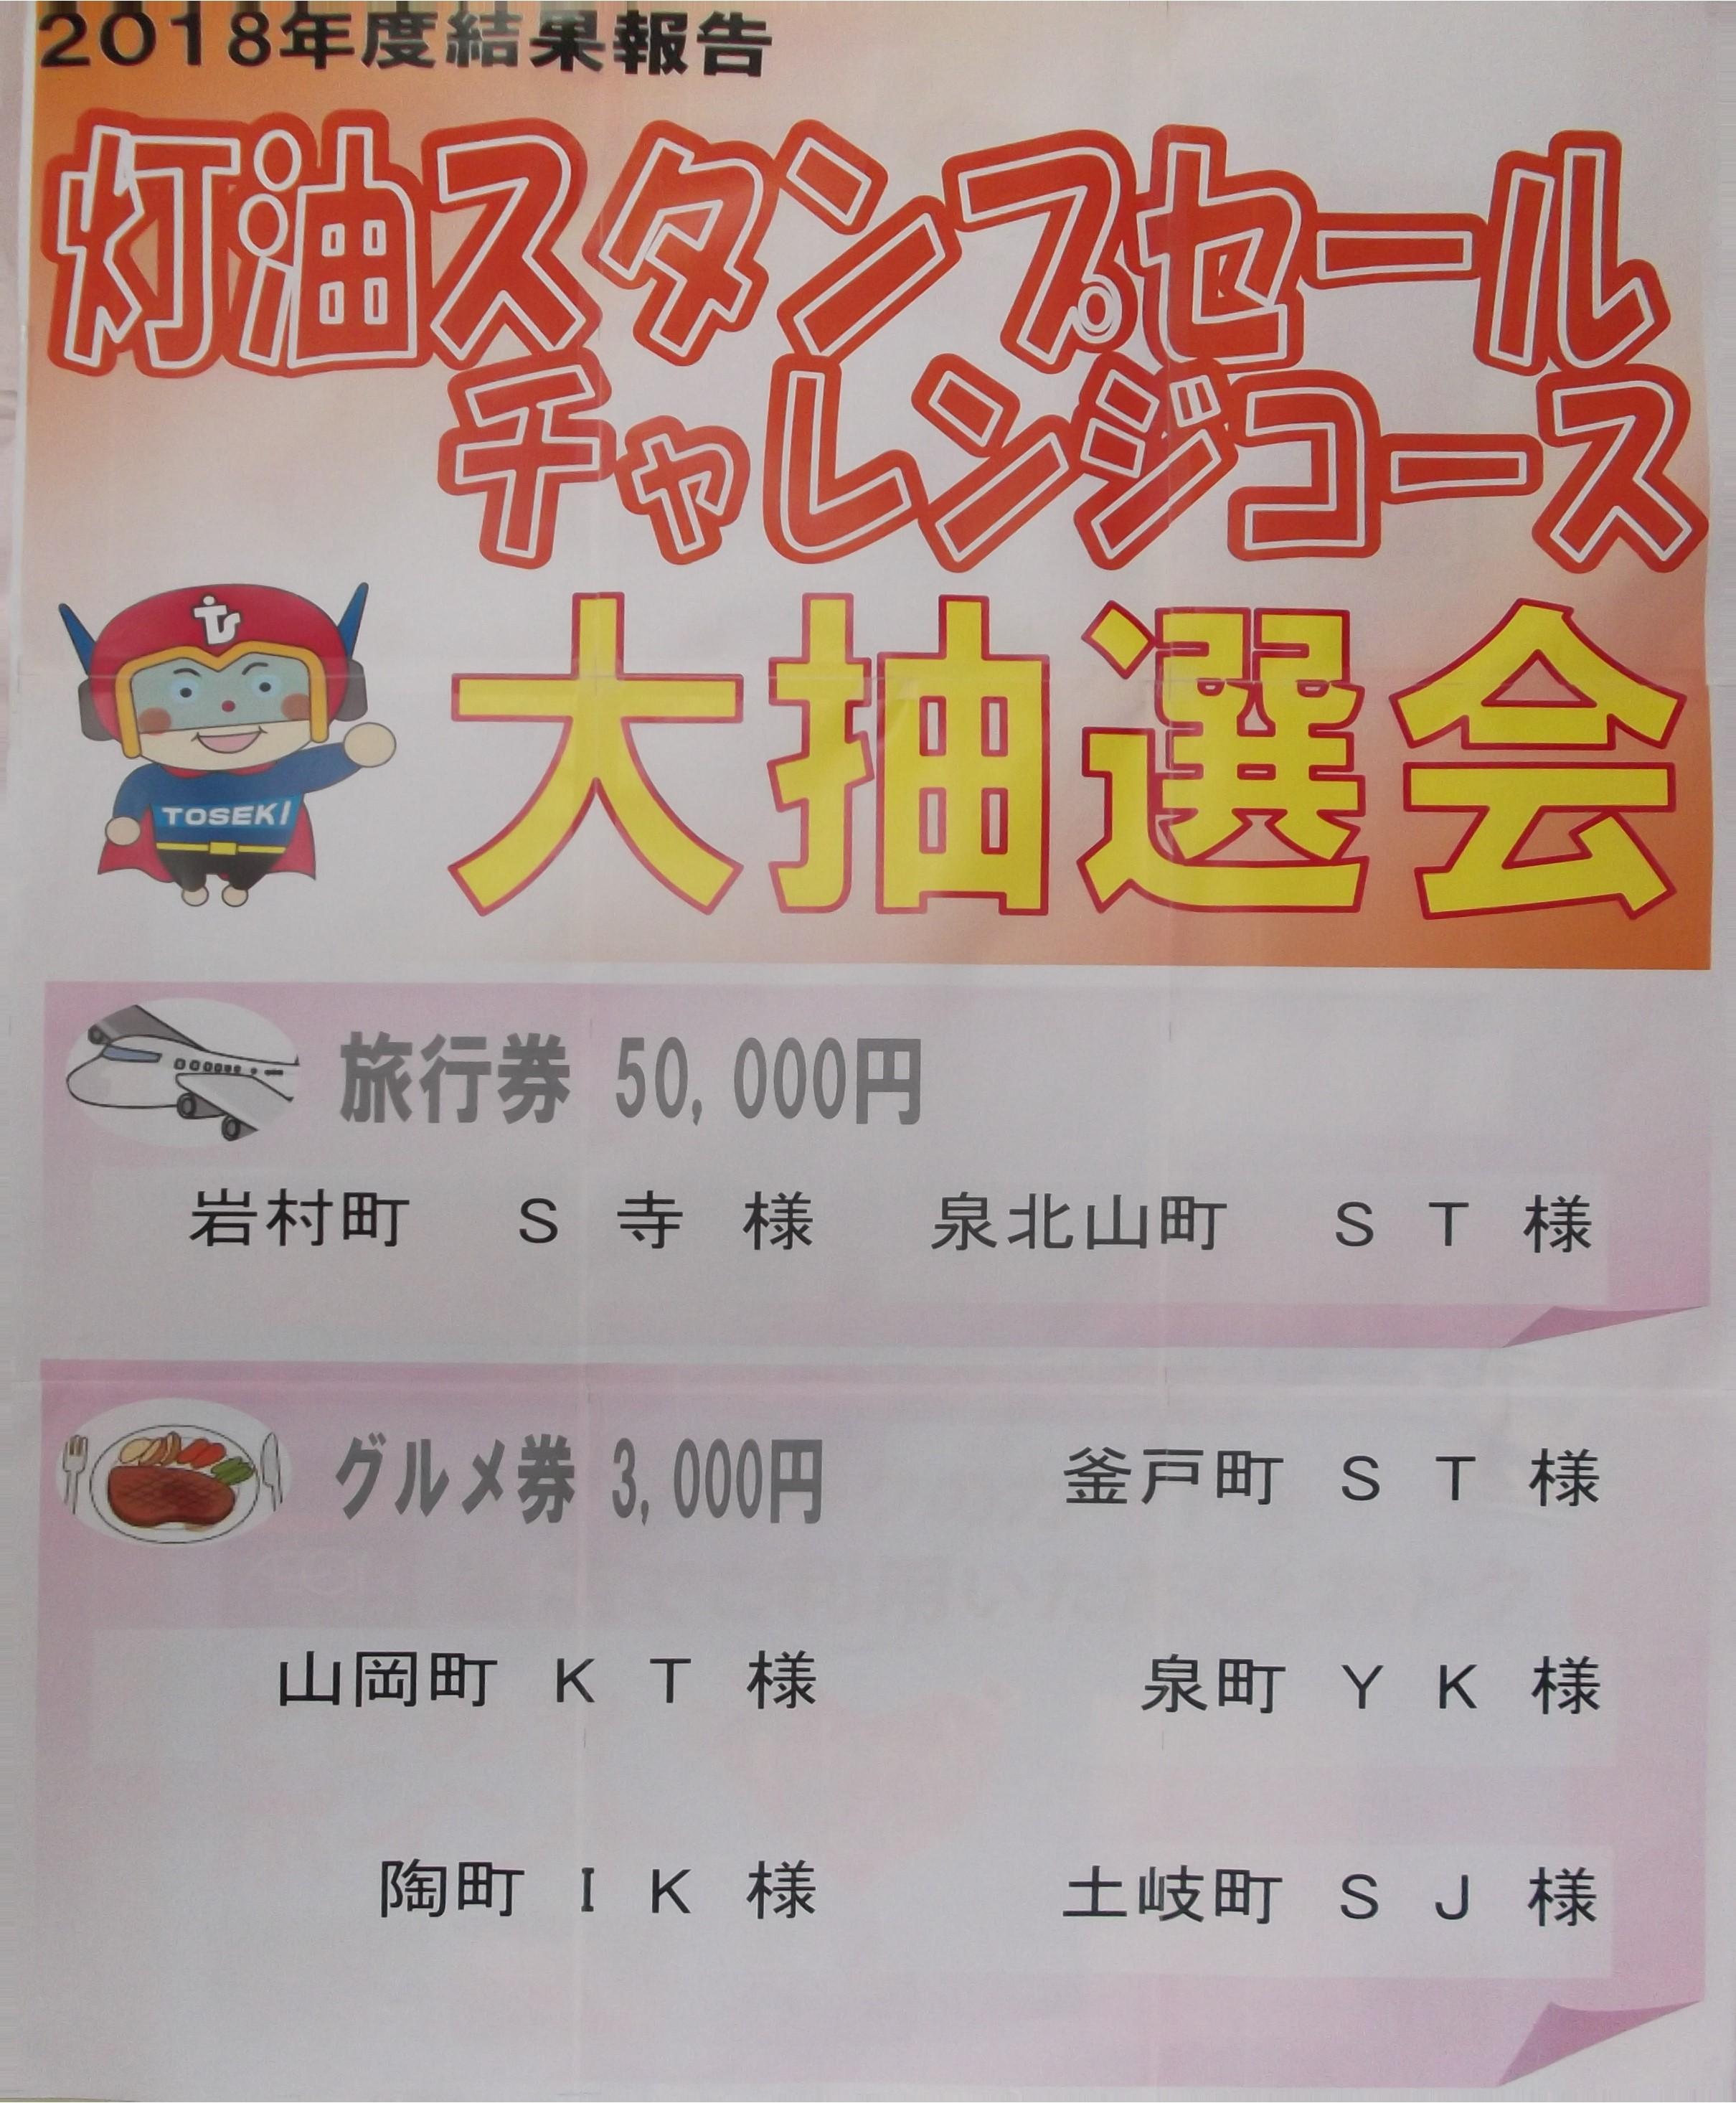 東石灯油チャレンジコース 大抽選会開催